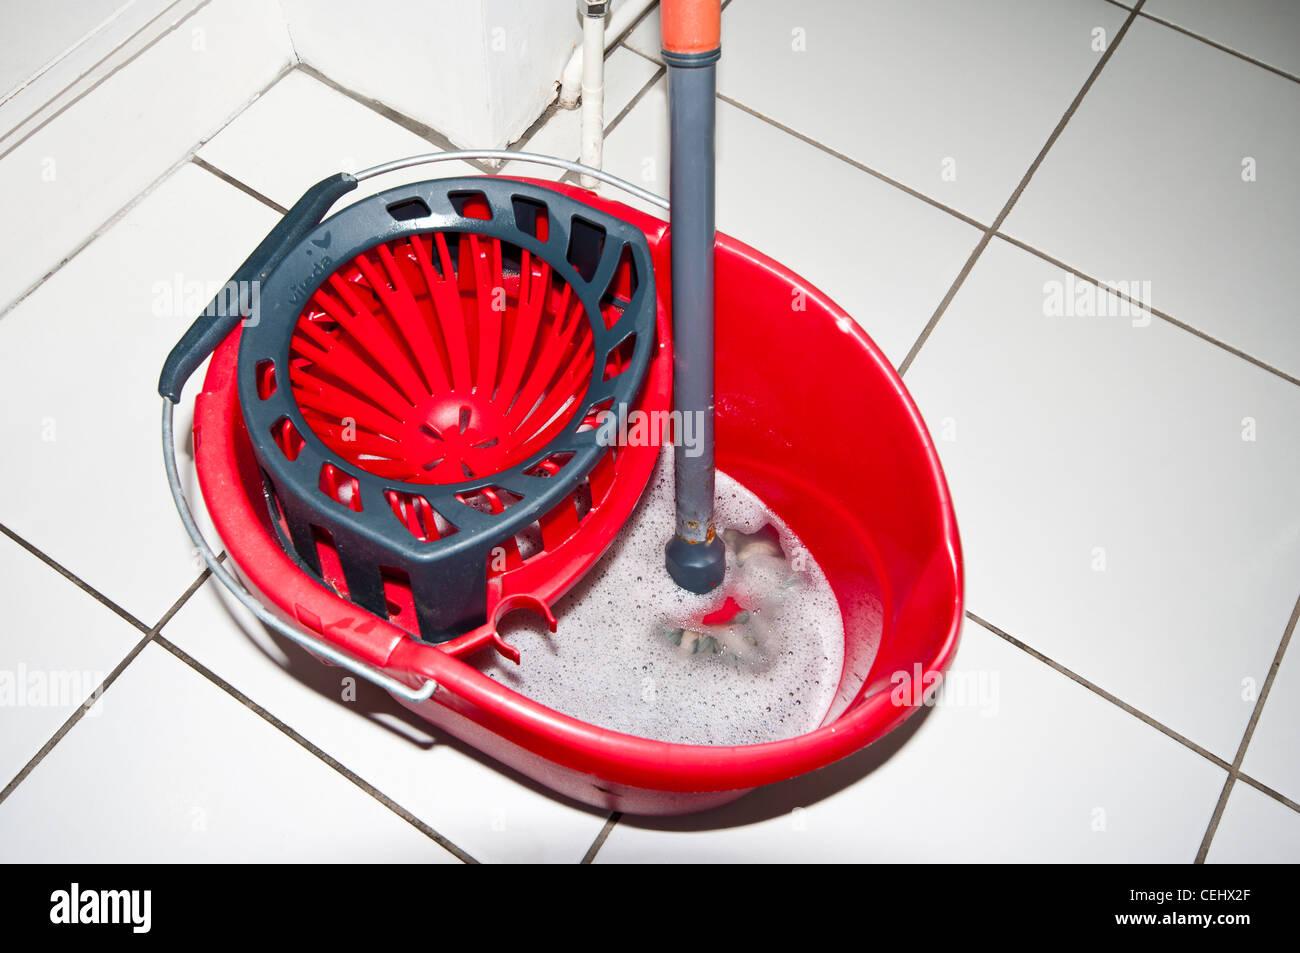 Red Plastic kitchen floor mop and bucket top view - Stock Image